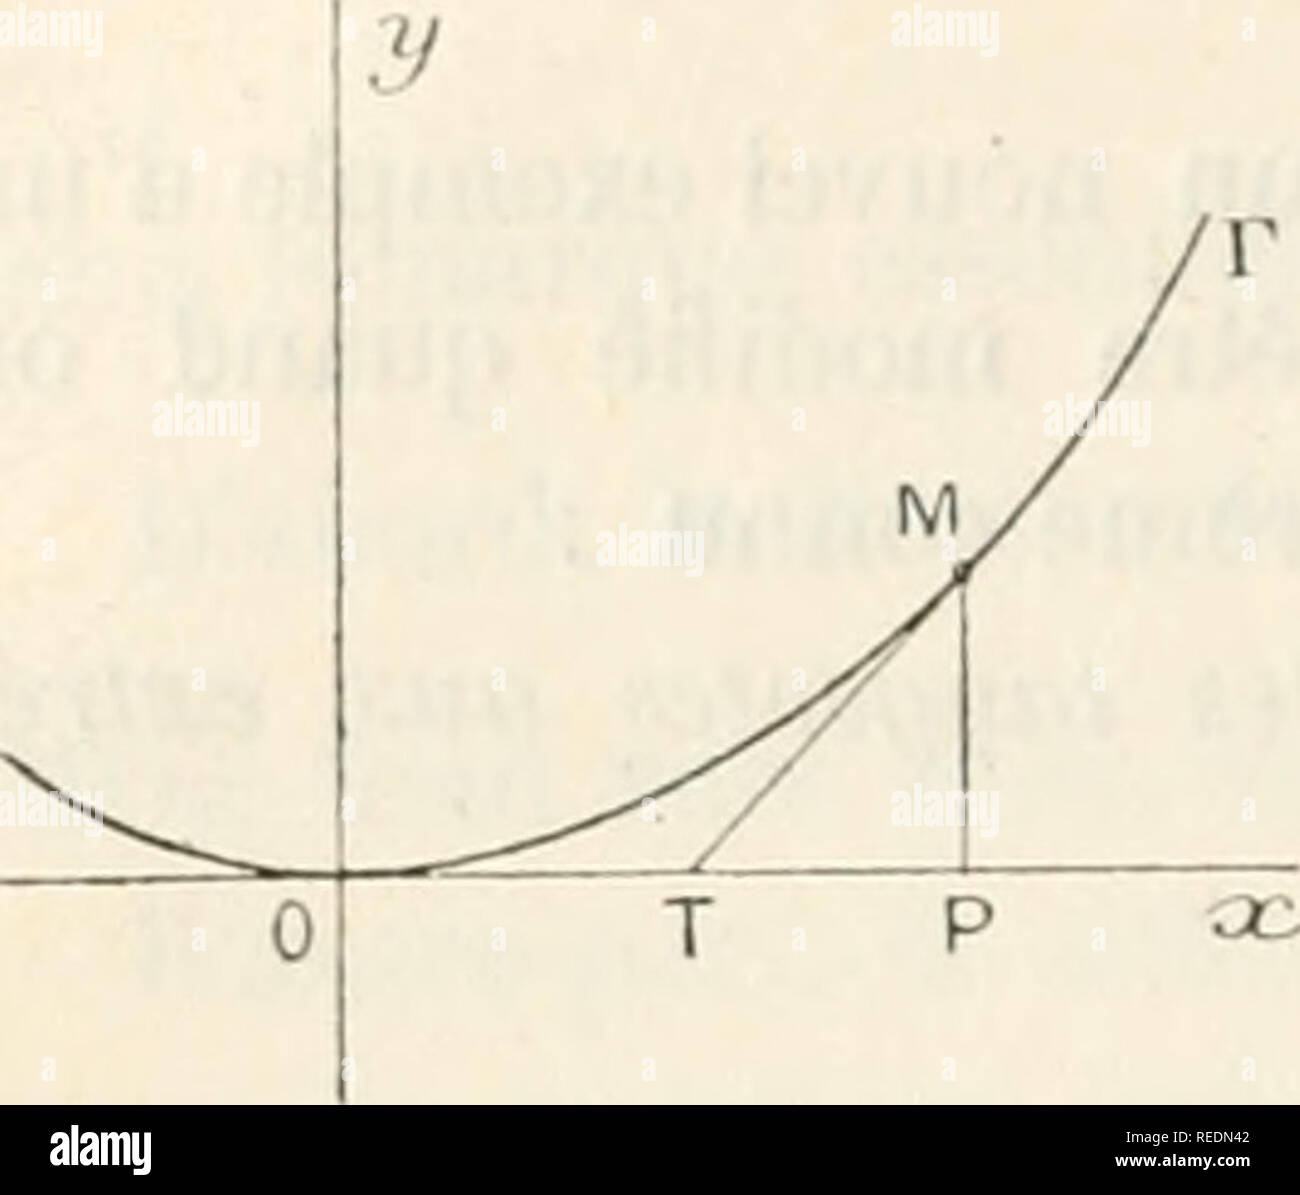 """. Compte rendu. La ciencia; la ciencia -- Congresos. 284 MATHÃMATIQUES. ASTRONOMIE, GÃODÃSIE ET MÃCANIQUE considérée. Un fait au premier abord bien singulier, va se présenter à nous et mettre en pleine lumière les préadvierte qu'il faut prendre dans les applications de la Géométrie infini- tésimale. Considérons la tangente MT (fig. e). Puisque le point M est quelconque, il serait naturel de croire que le théorèmí relatif à la limite du TT rapport -^ n'est pas en Díaz©faut pour la canela-. KlG. gente de MT. 11 n'en est rien, comme nous allons le montrer ('â""""¢). MP, perpendiculaire Abaissons sur Foto de stock"""